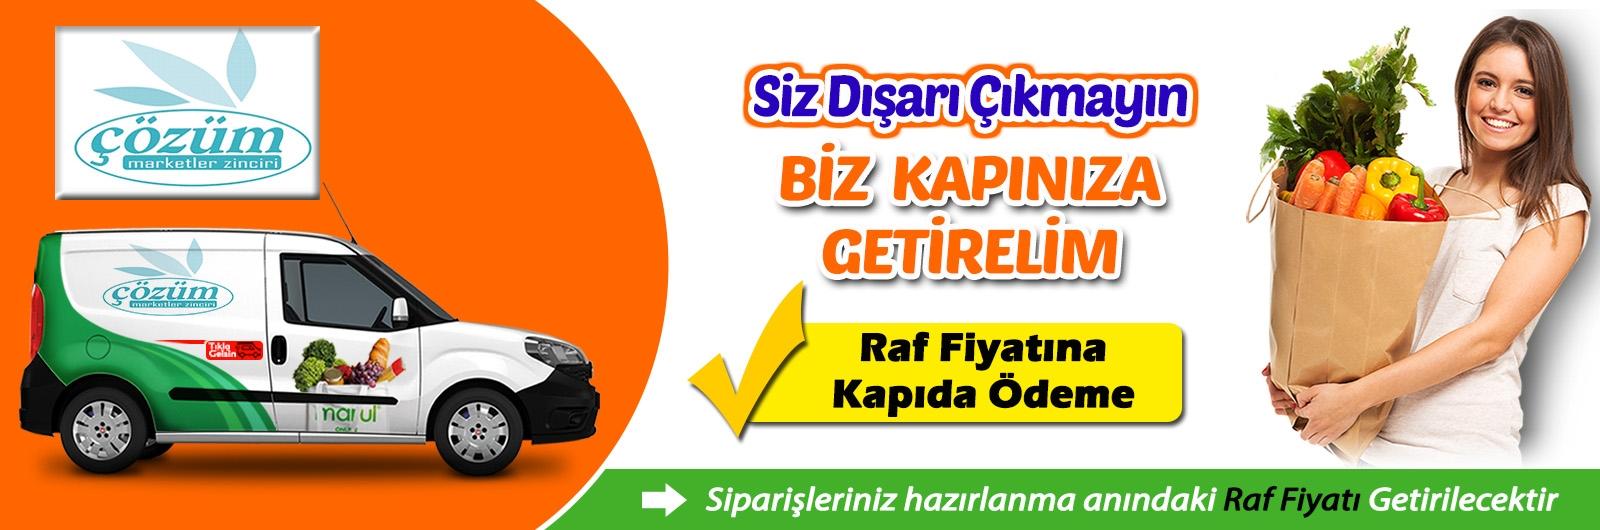 Amasya merzifon Çözüm Market online market siparişi